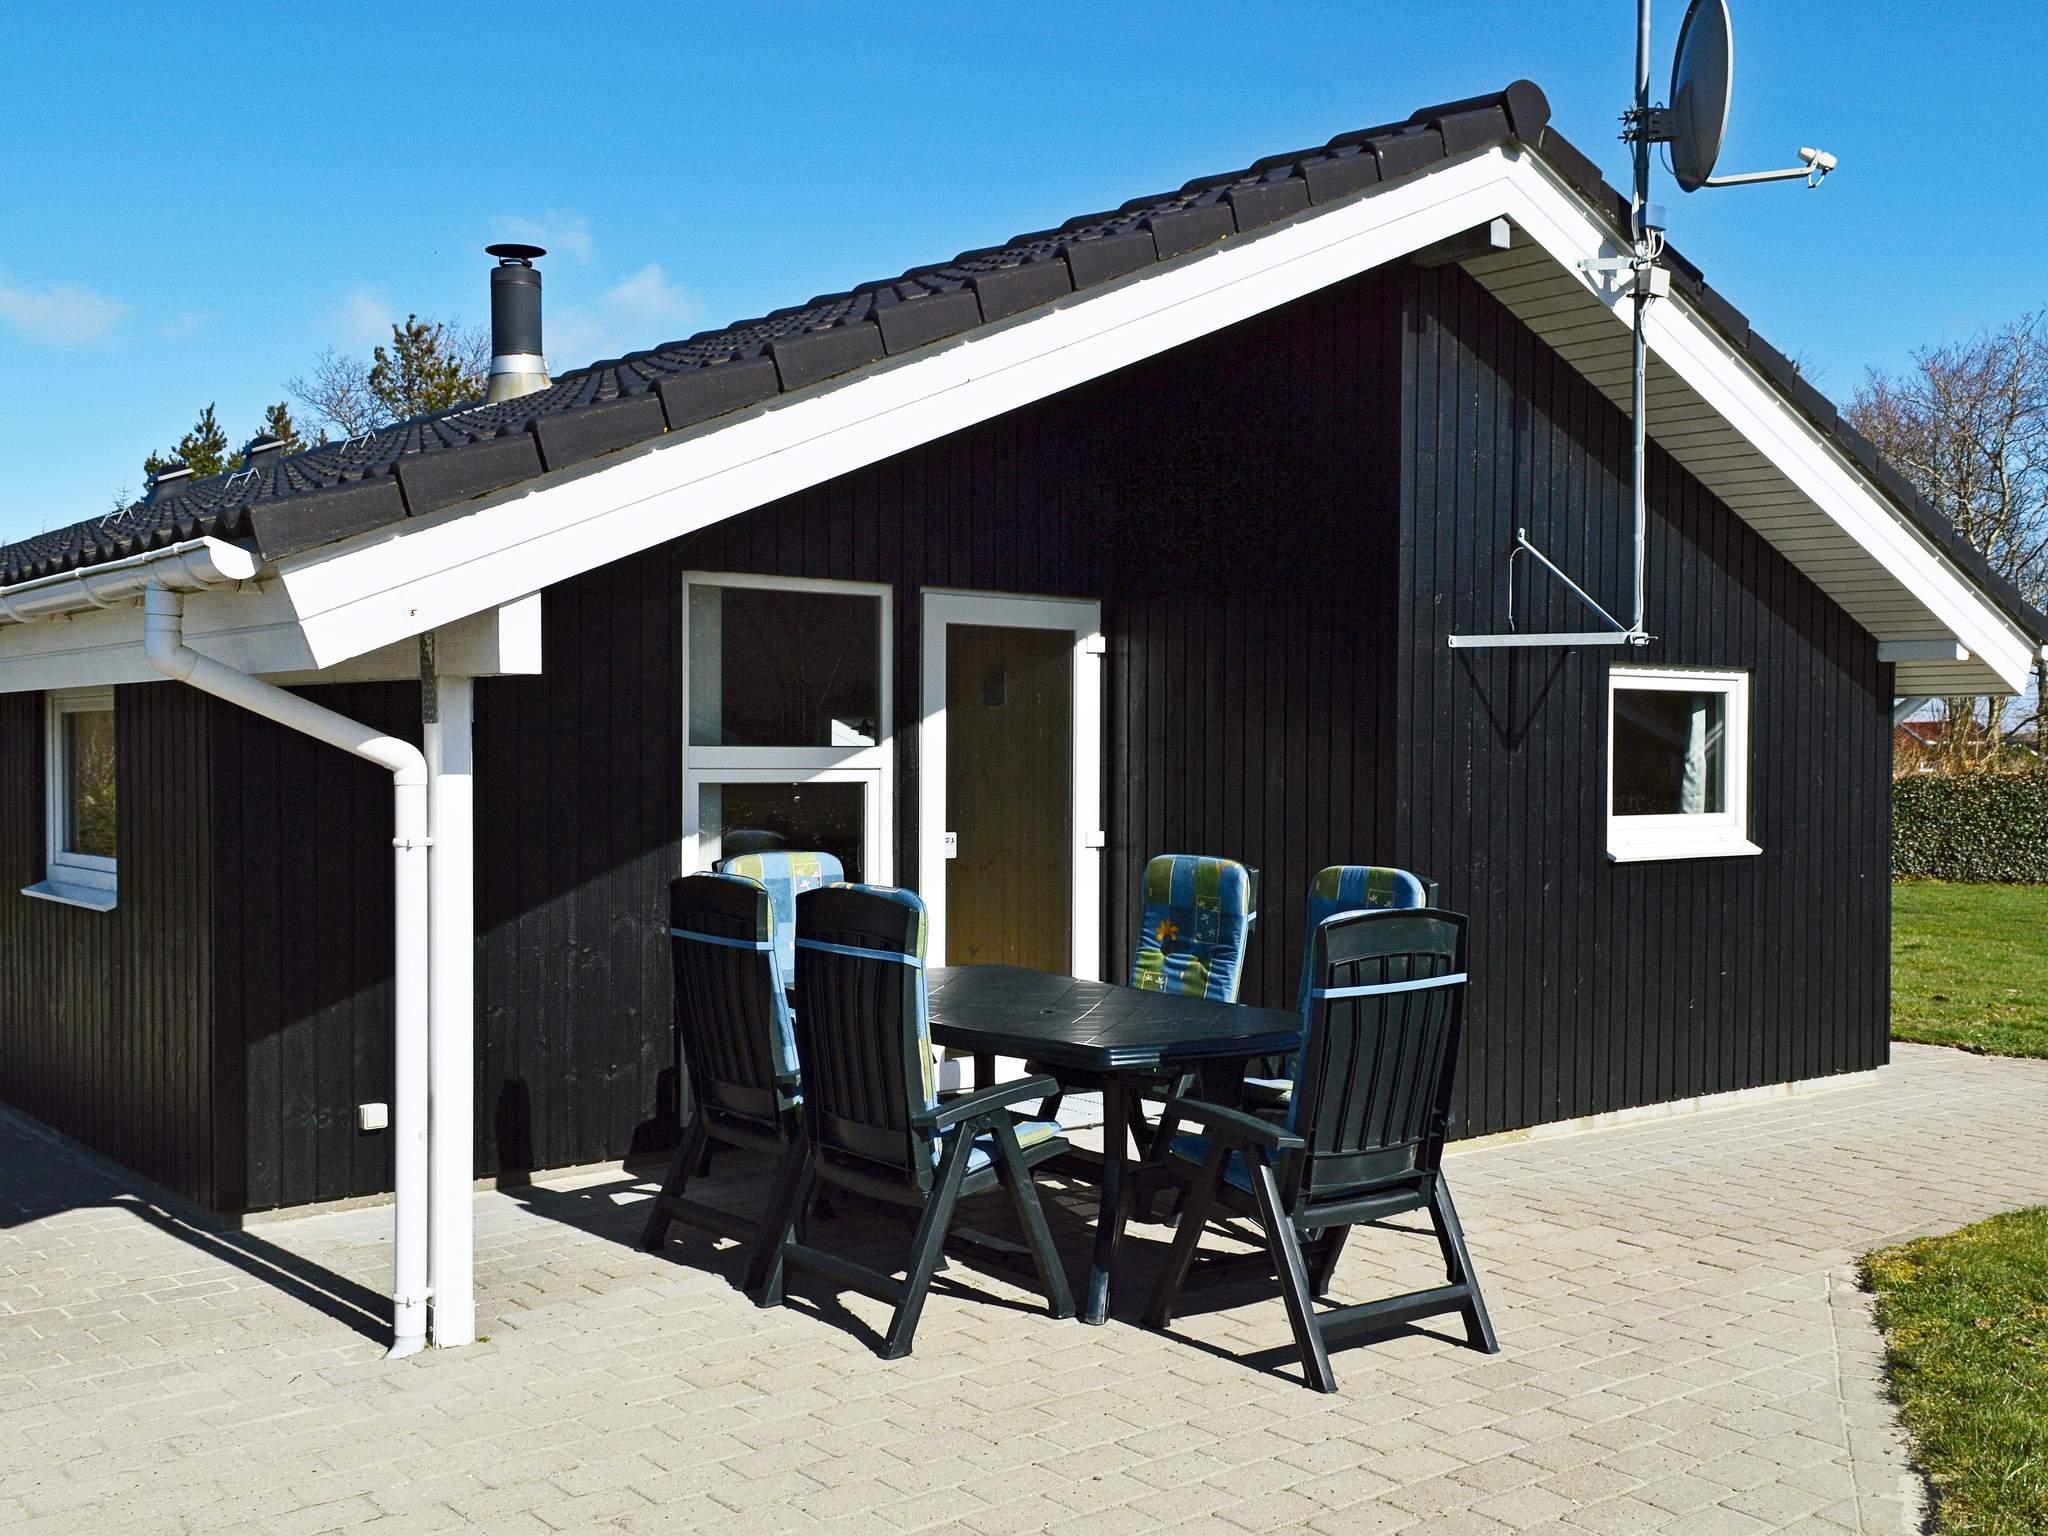 Ferienhaus Jegum (921203), Jegum, , Westjütland, Dänemark, Bild 1